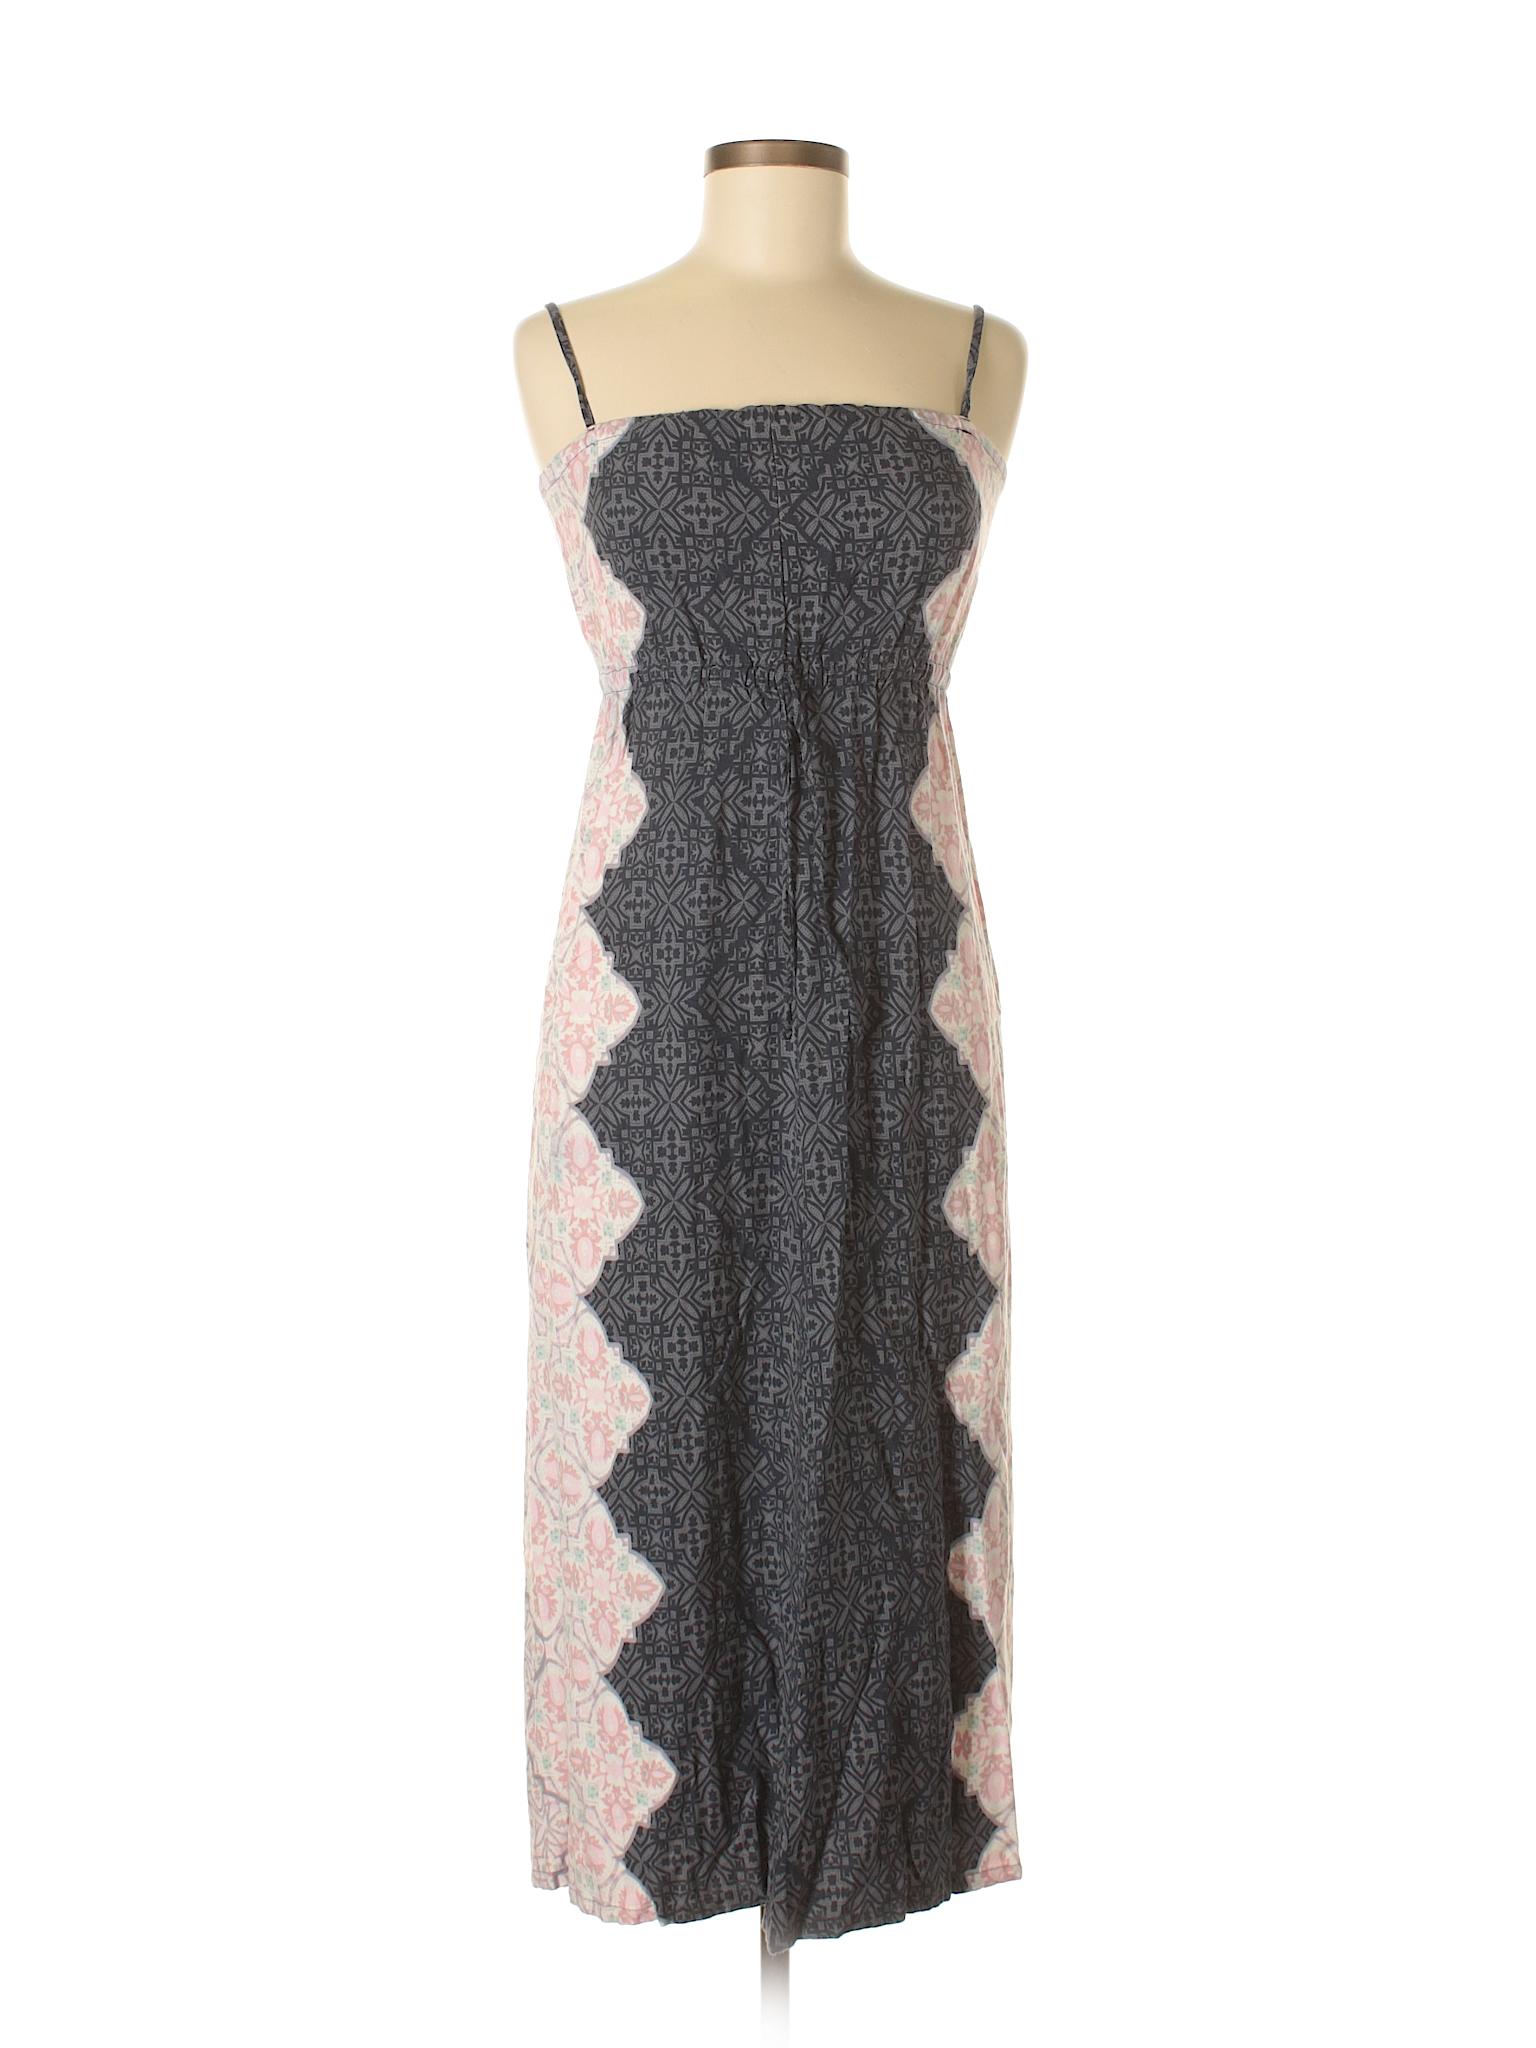 Dress Dress Winter O'neill O'neill Casual Winter Casual Dress Boutique Boutique O'neill Casual Boutique Winter nOXaqxX